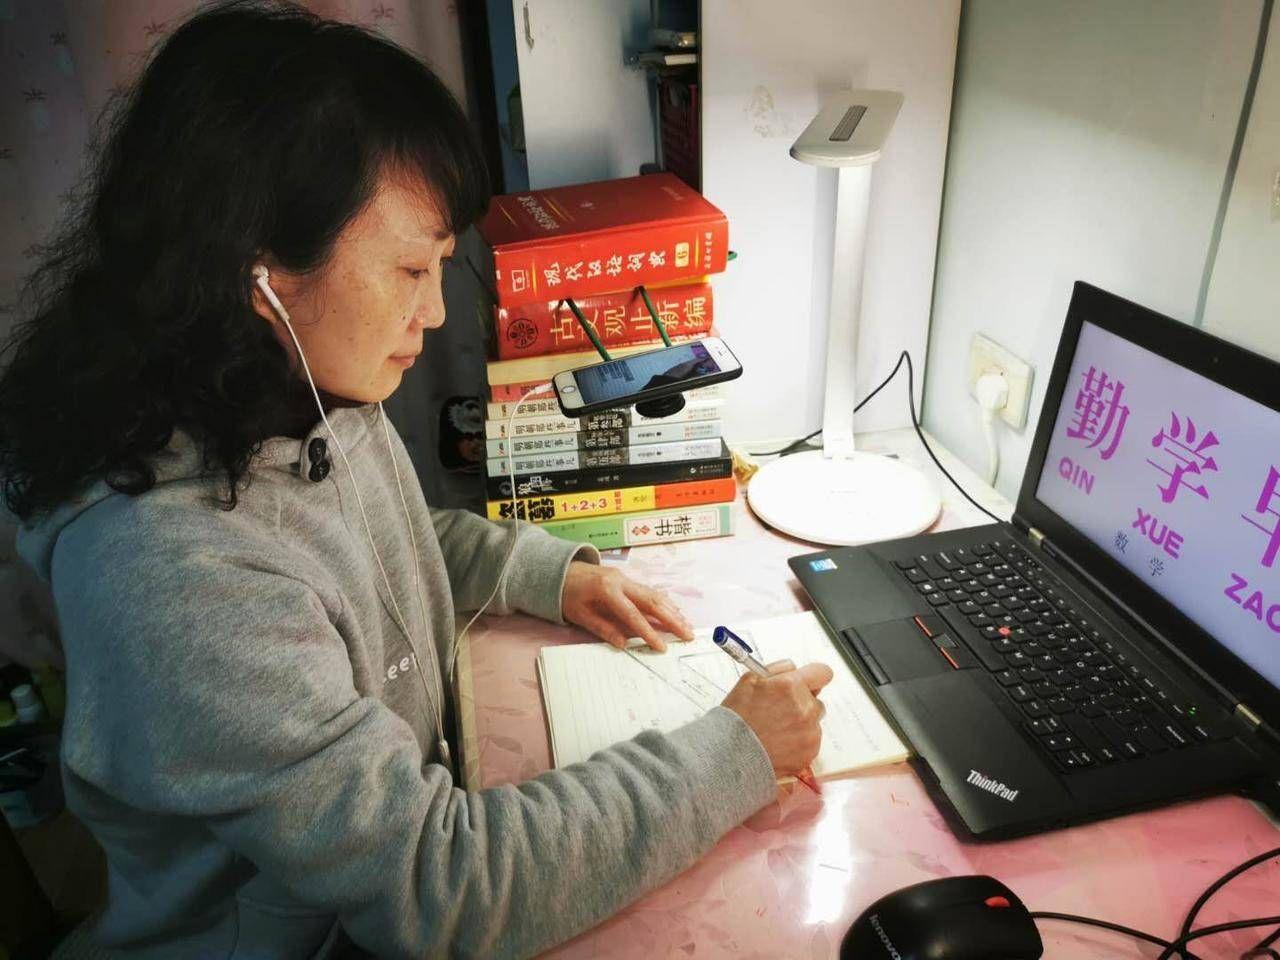 赞颂园丁母亲,武汉纺织大学大学生,亲手制作手抄报